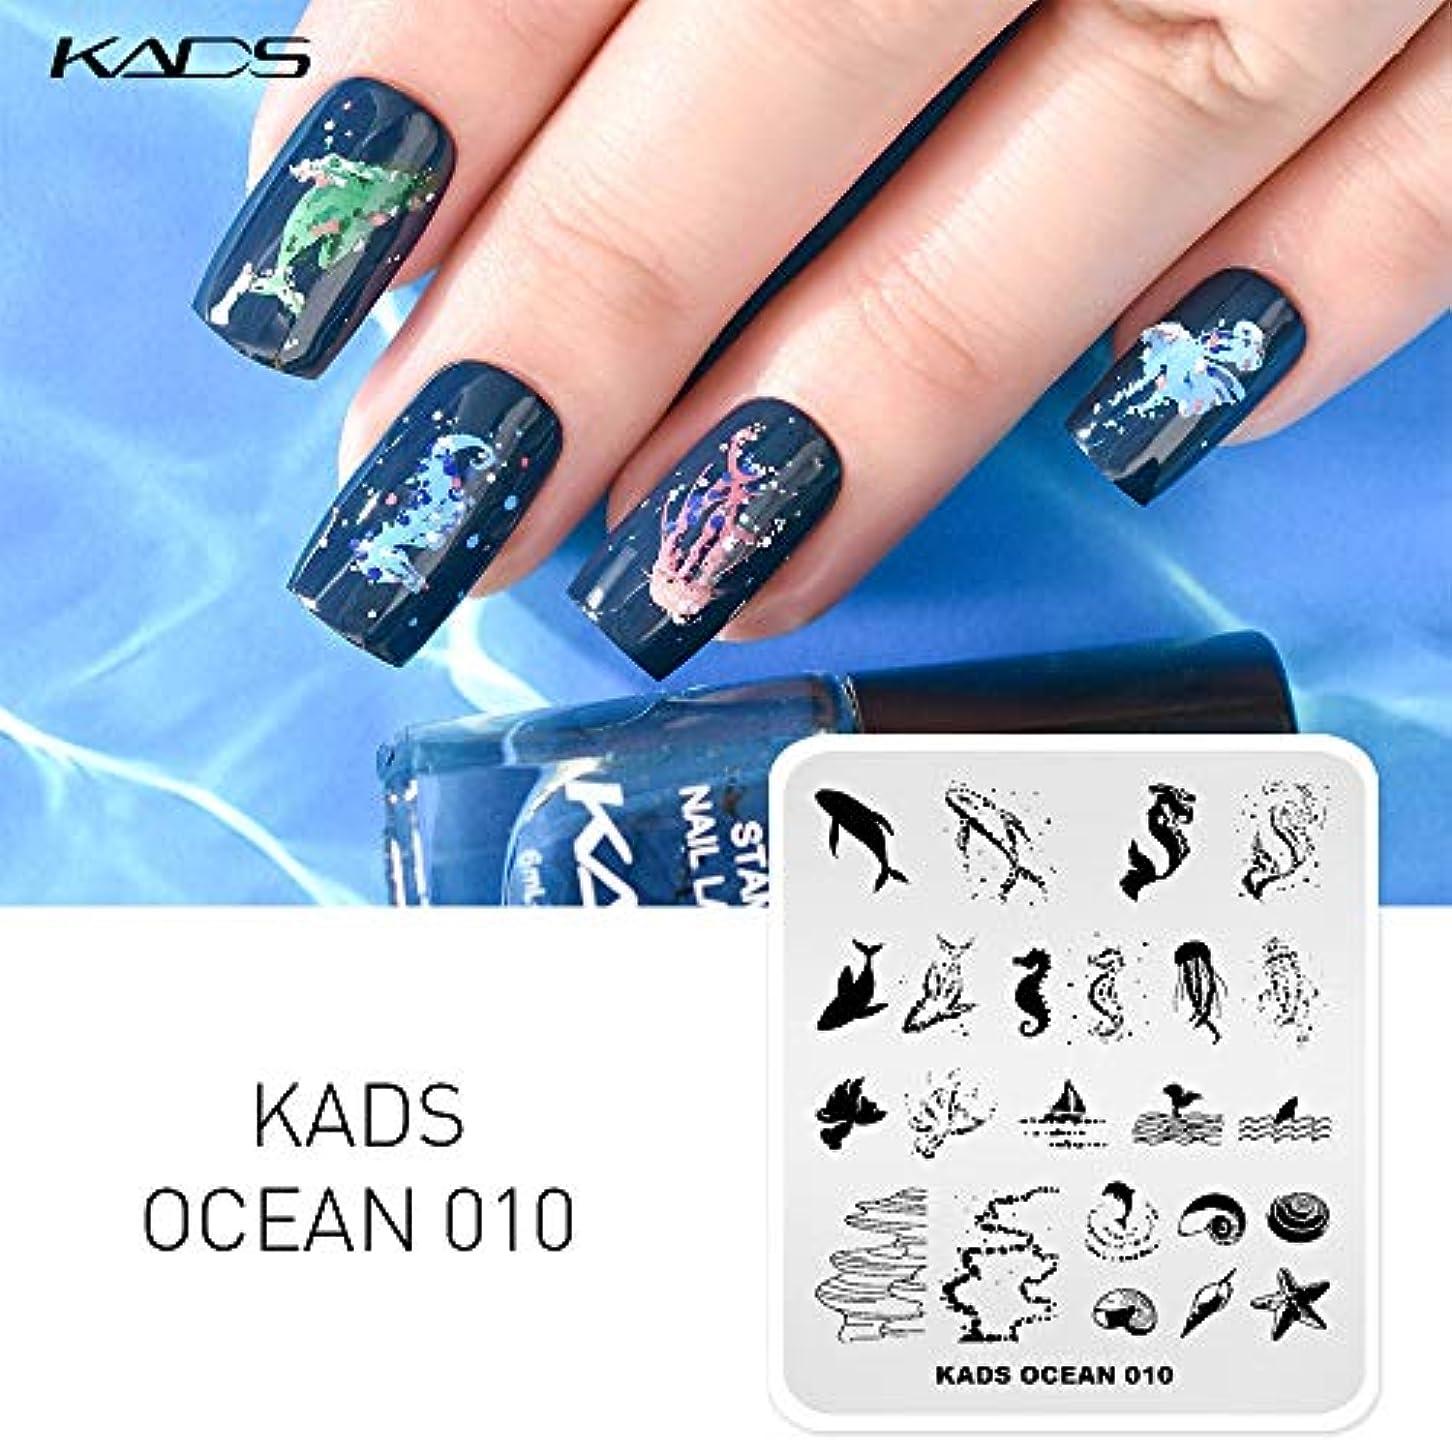 カカドゥ洞察力規則性KADS ネイルスタンププレート クジラ/海星/クラゲ/タツノオトシゴ スタンピングプレート ネイルイメージプレート ネイルステンシル (OC010)